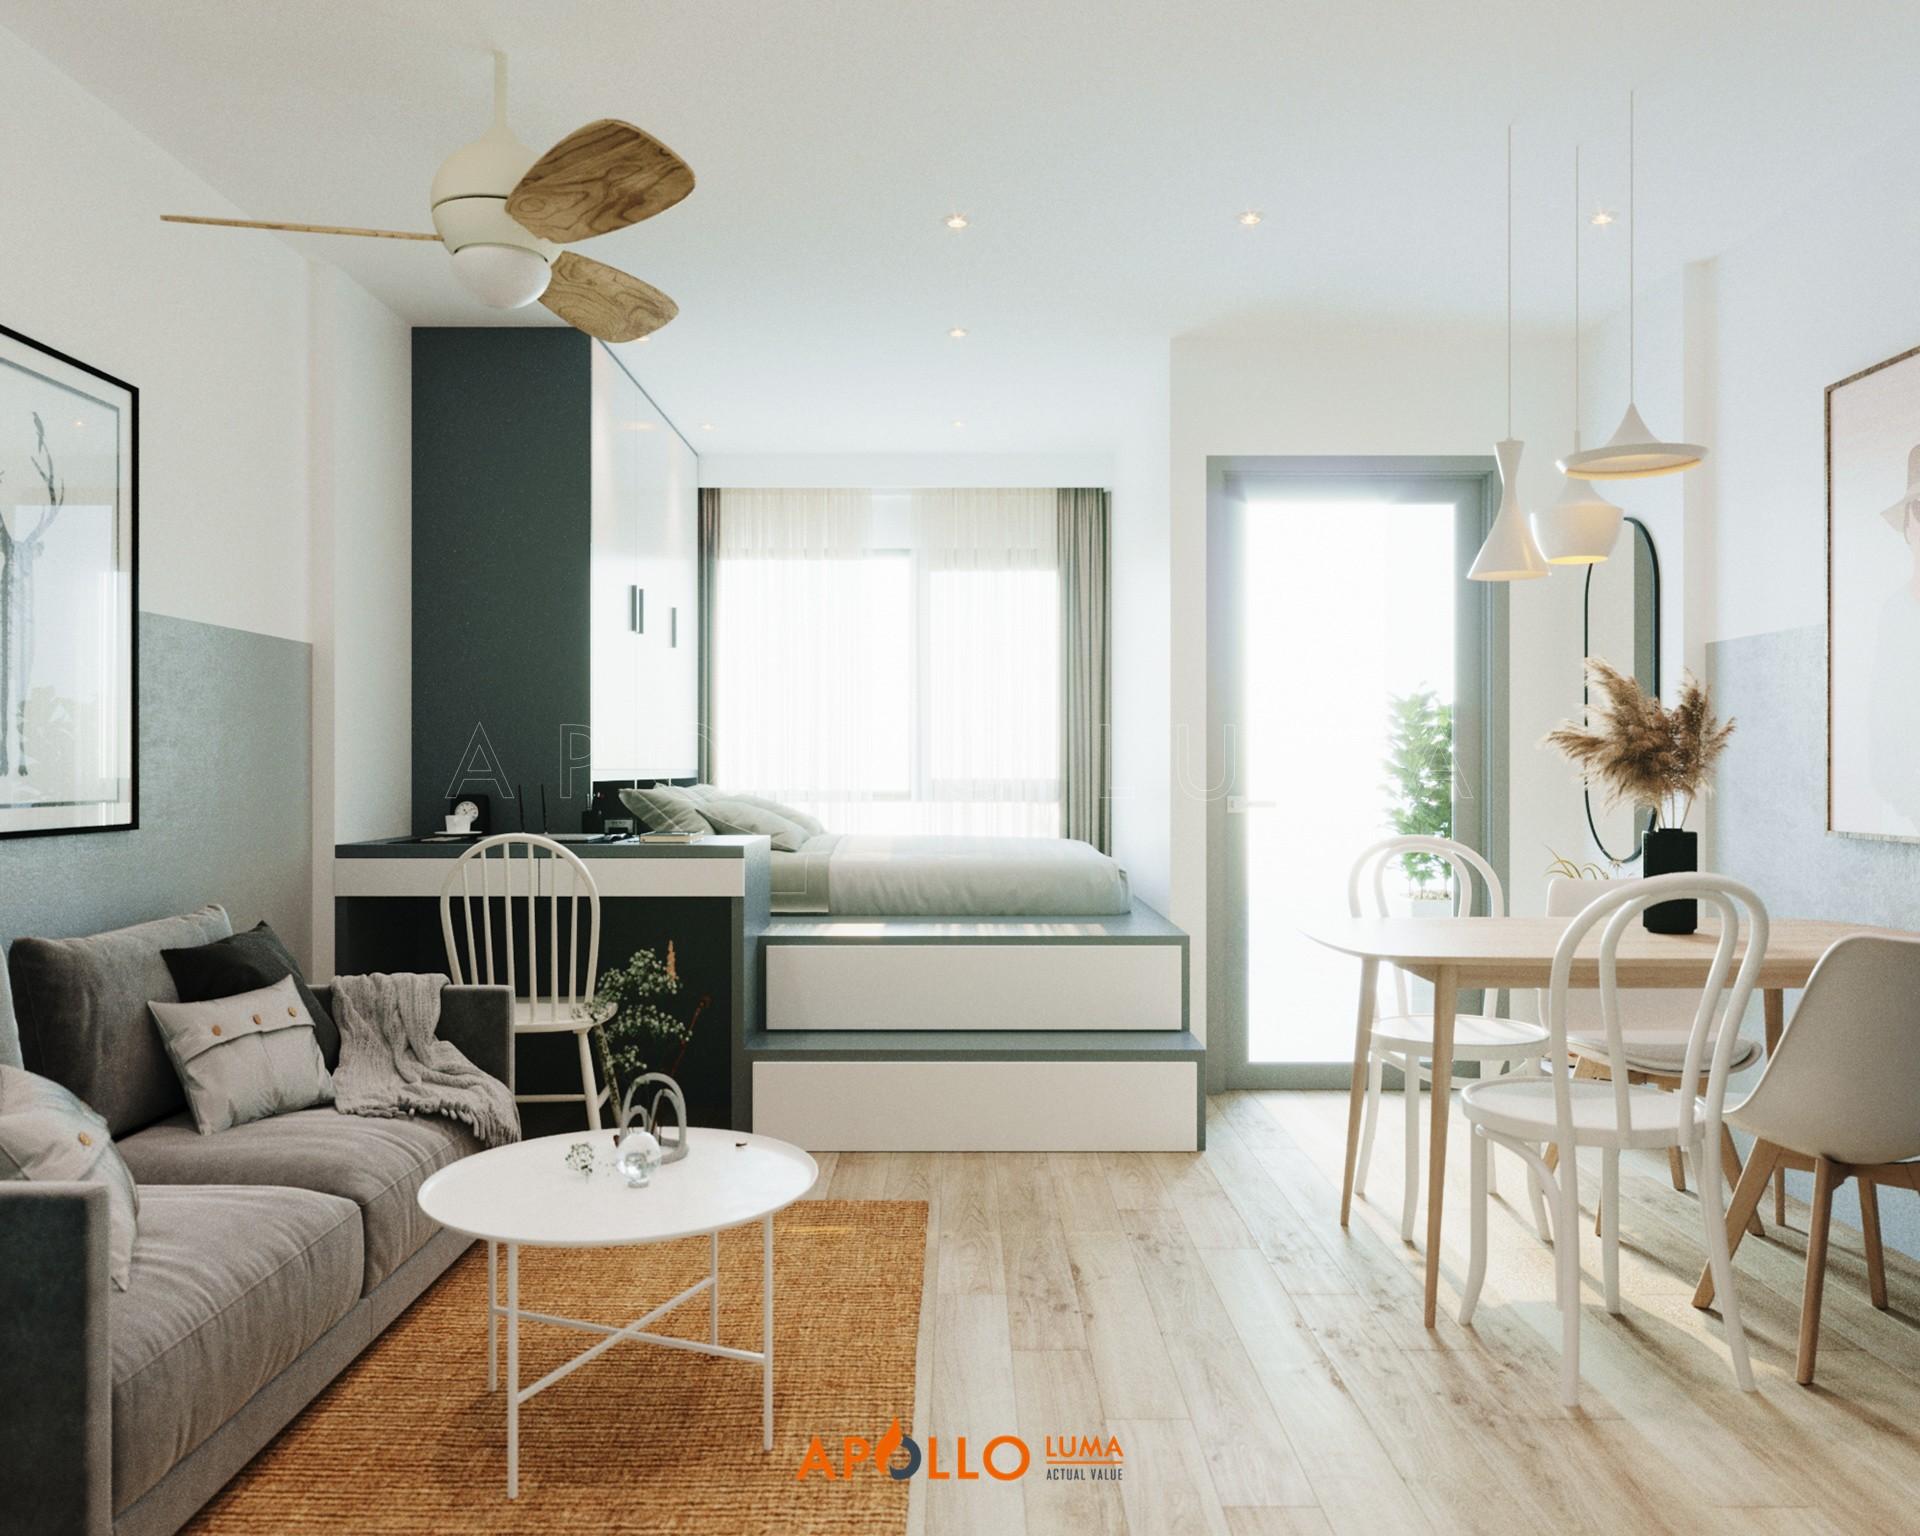 Thiết kế nội thất căn hộ Studio (28m2) S3.02-10 Vinhomes Smart City